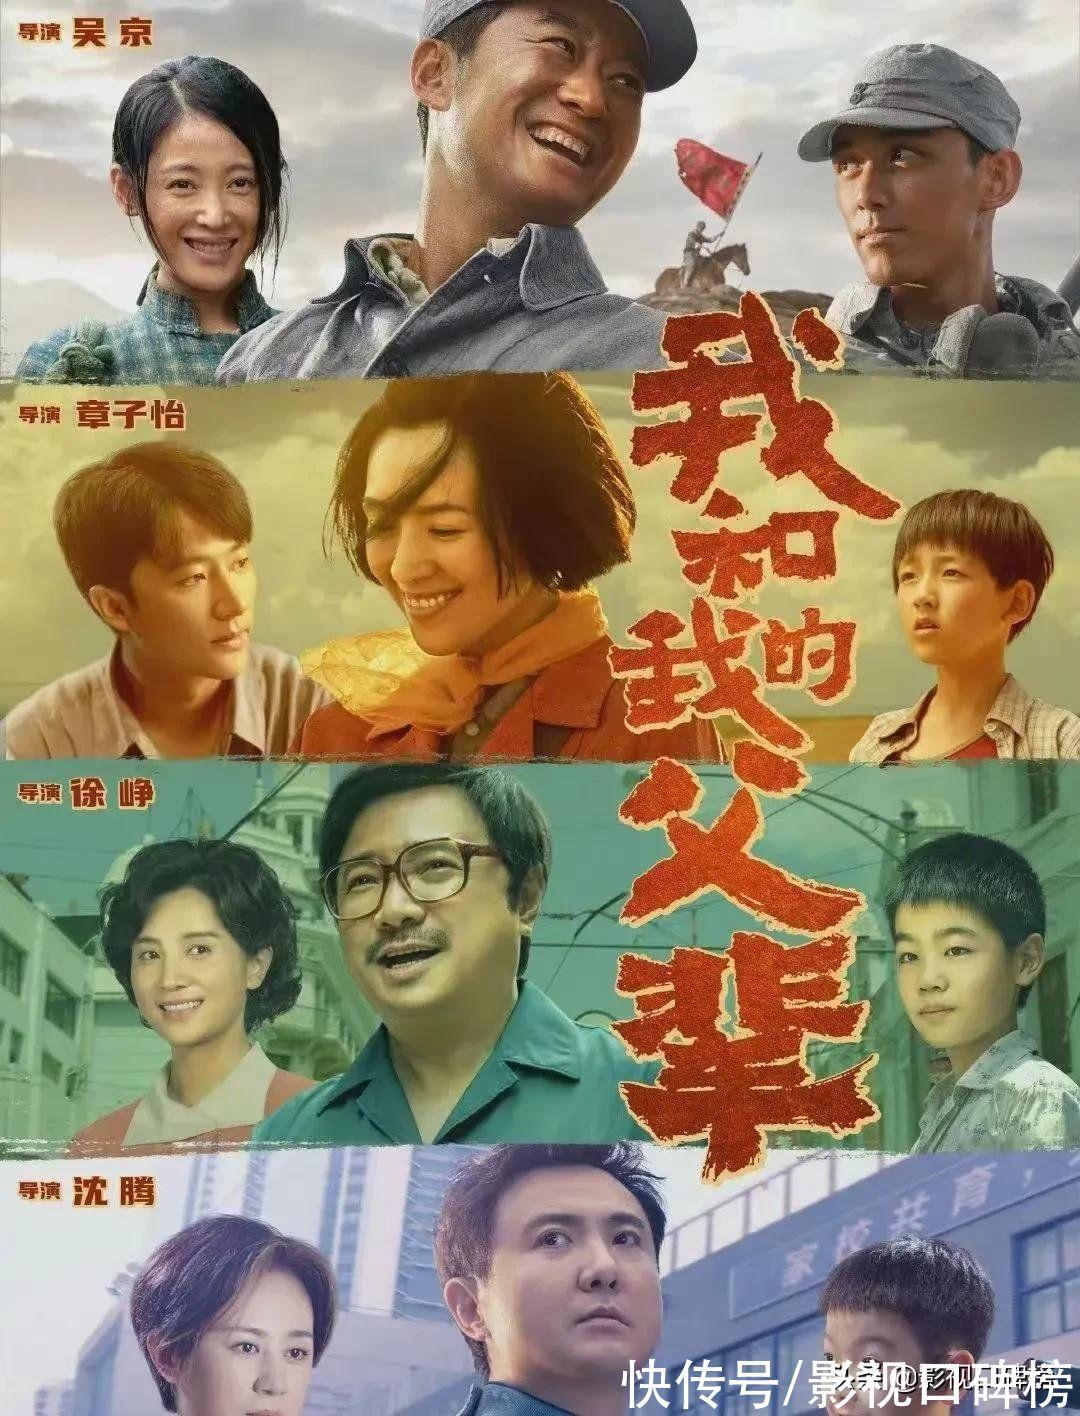 5天票房超6亿,《我和我的父辈》为什么让章子怡和沈腾当导演?